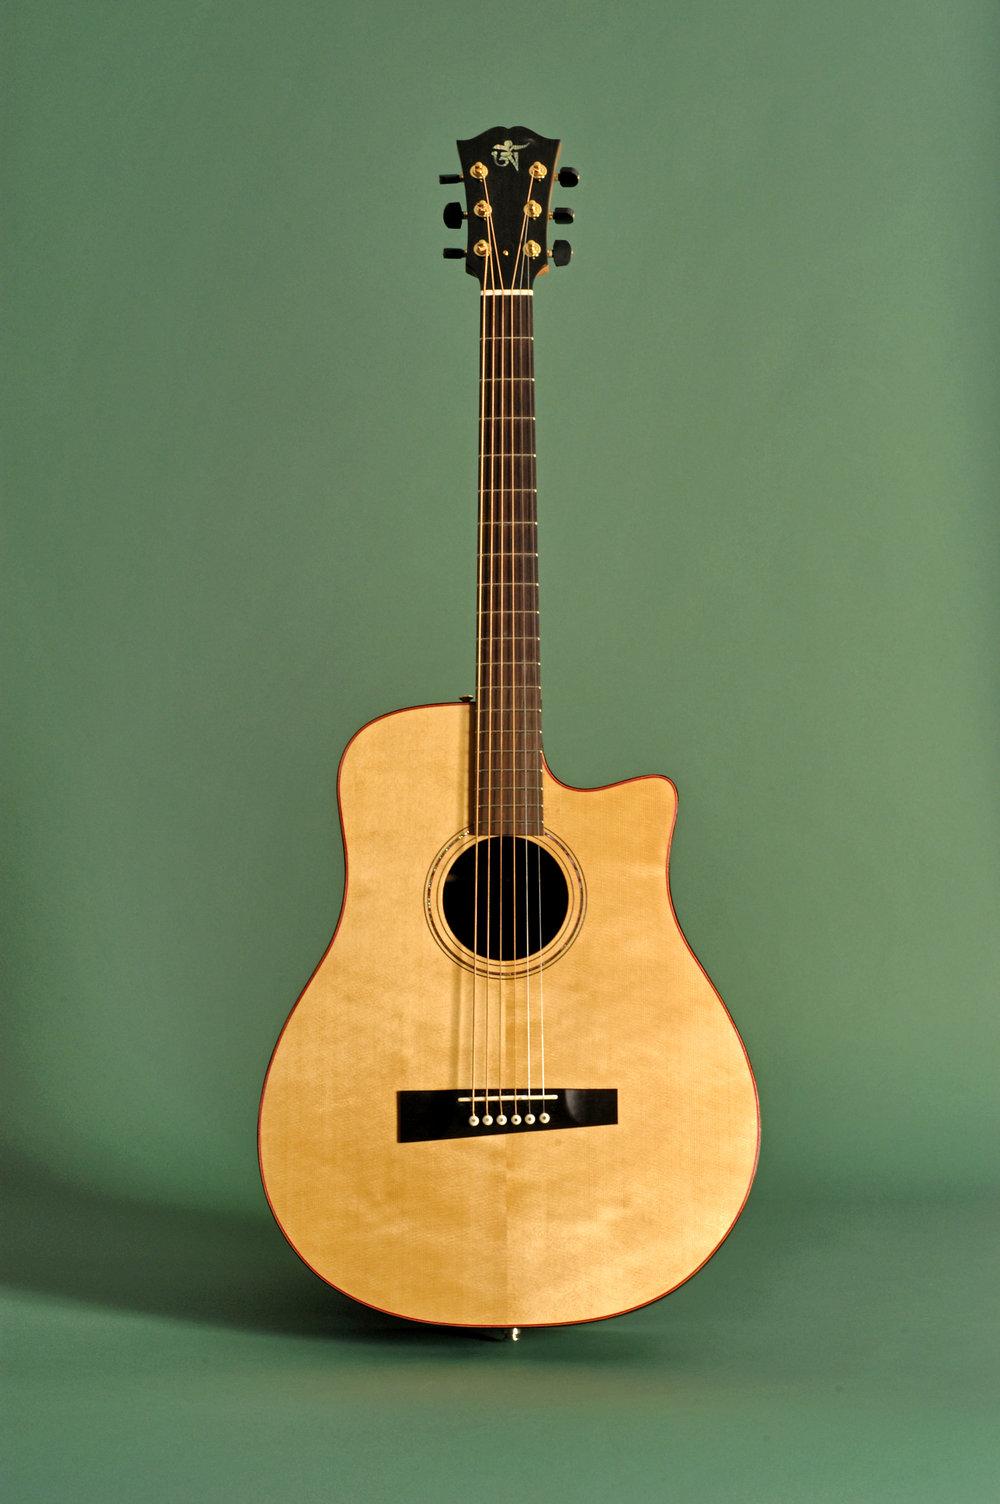 FScipio_2001 Baritone Guitar Courtesy of Leni Stern_front.jpg